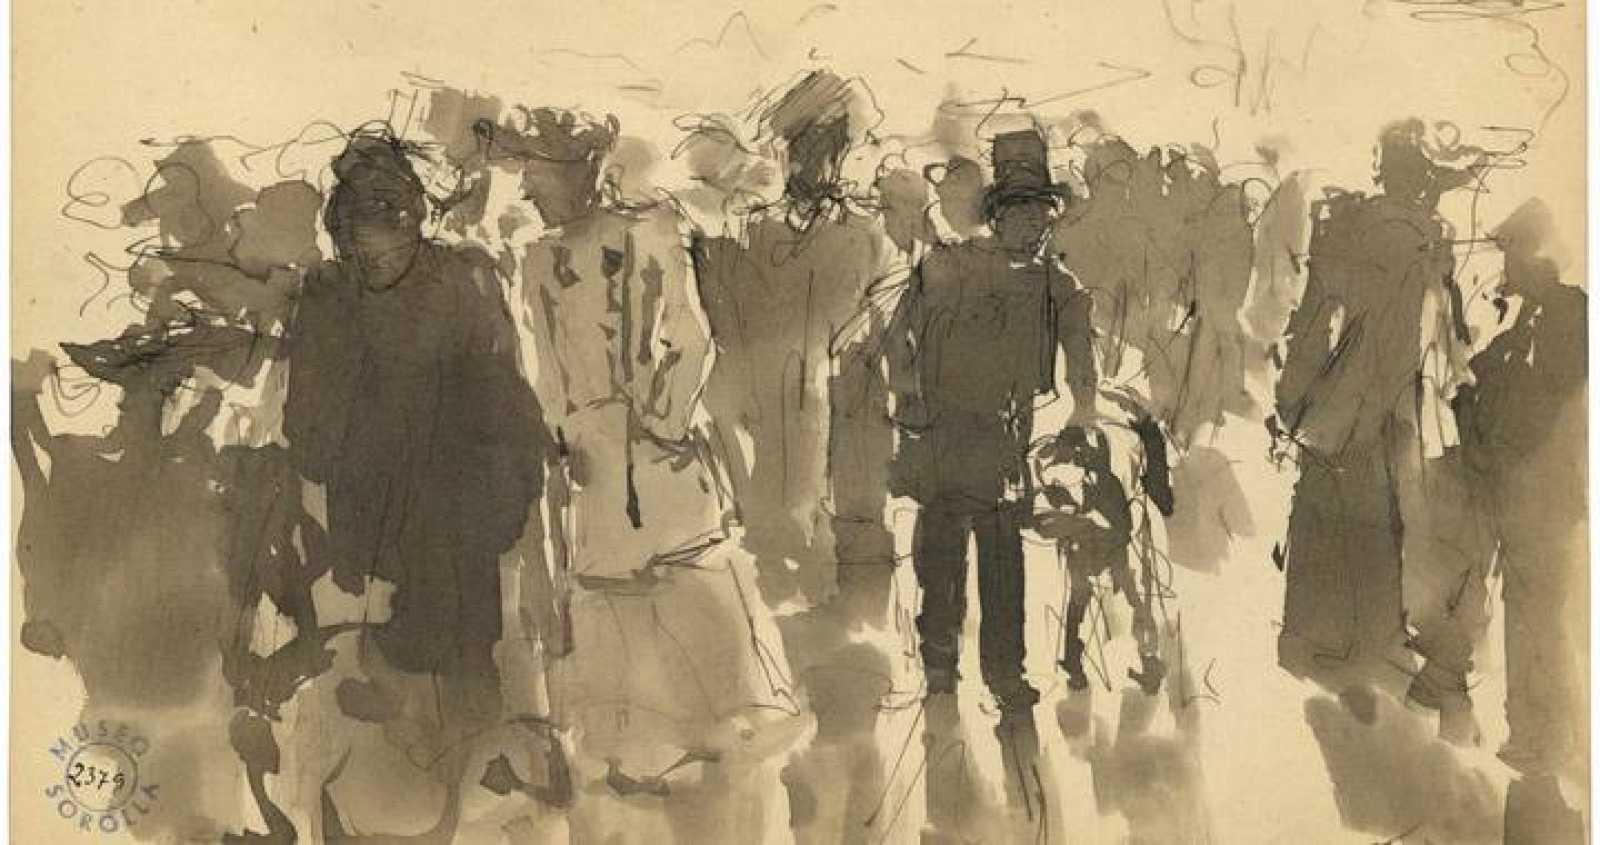 Dibujo 'Retiro' (1891-1892), de Joaquín Sorolla. Fotografía facilitada por el Ministerio de Educación, Cultura y Deporte.